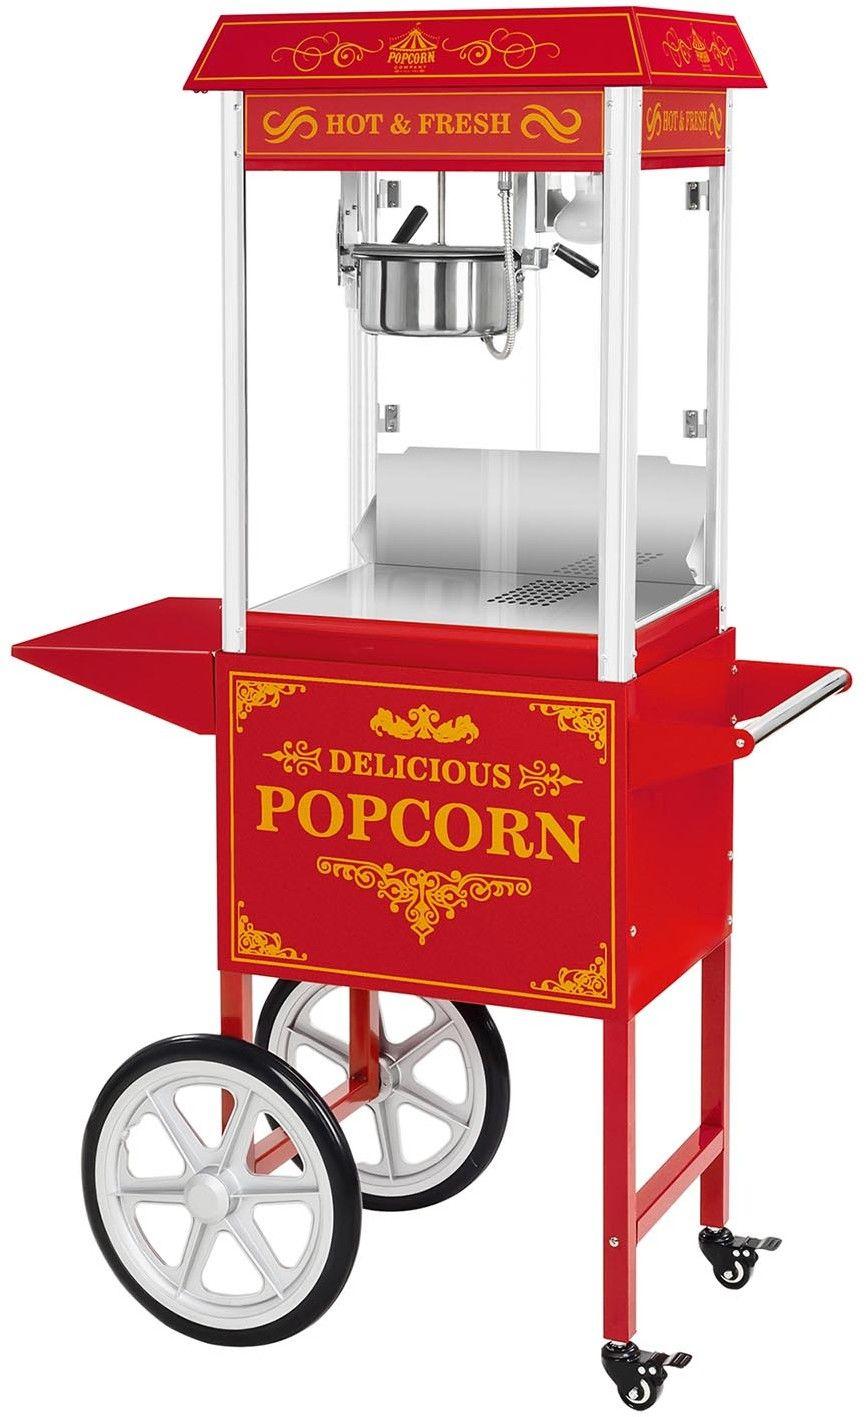 Maszyna do popcornu - wózek - czerwona - Royal Catering - RCPW.16.2 - 3 lata gwarancji/wysyłka w 24h